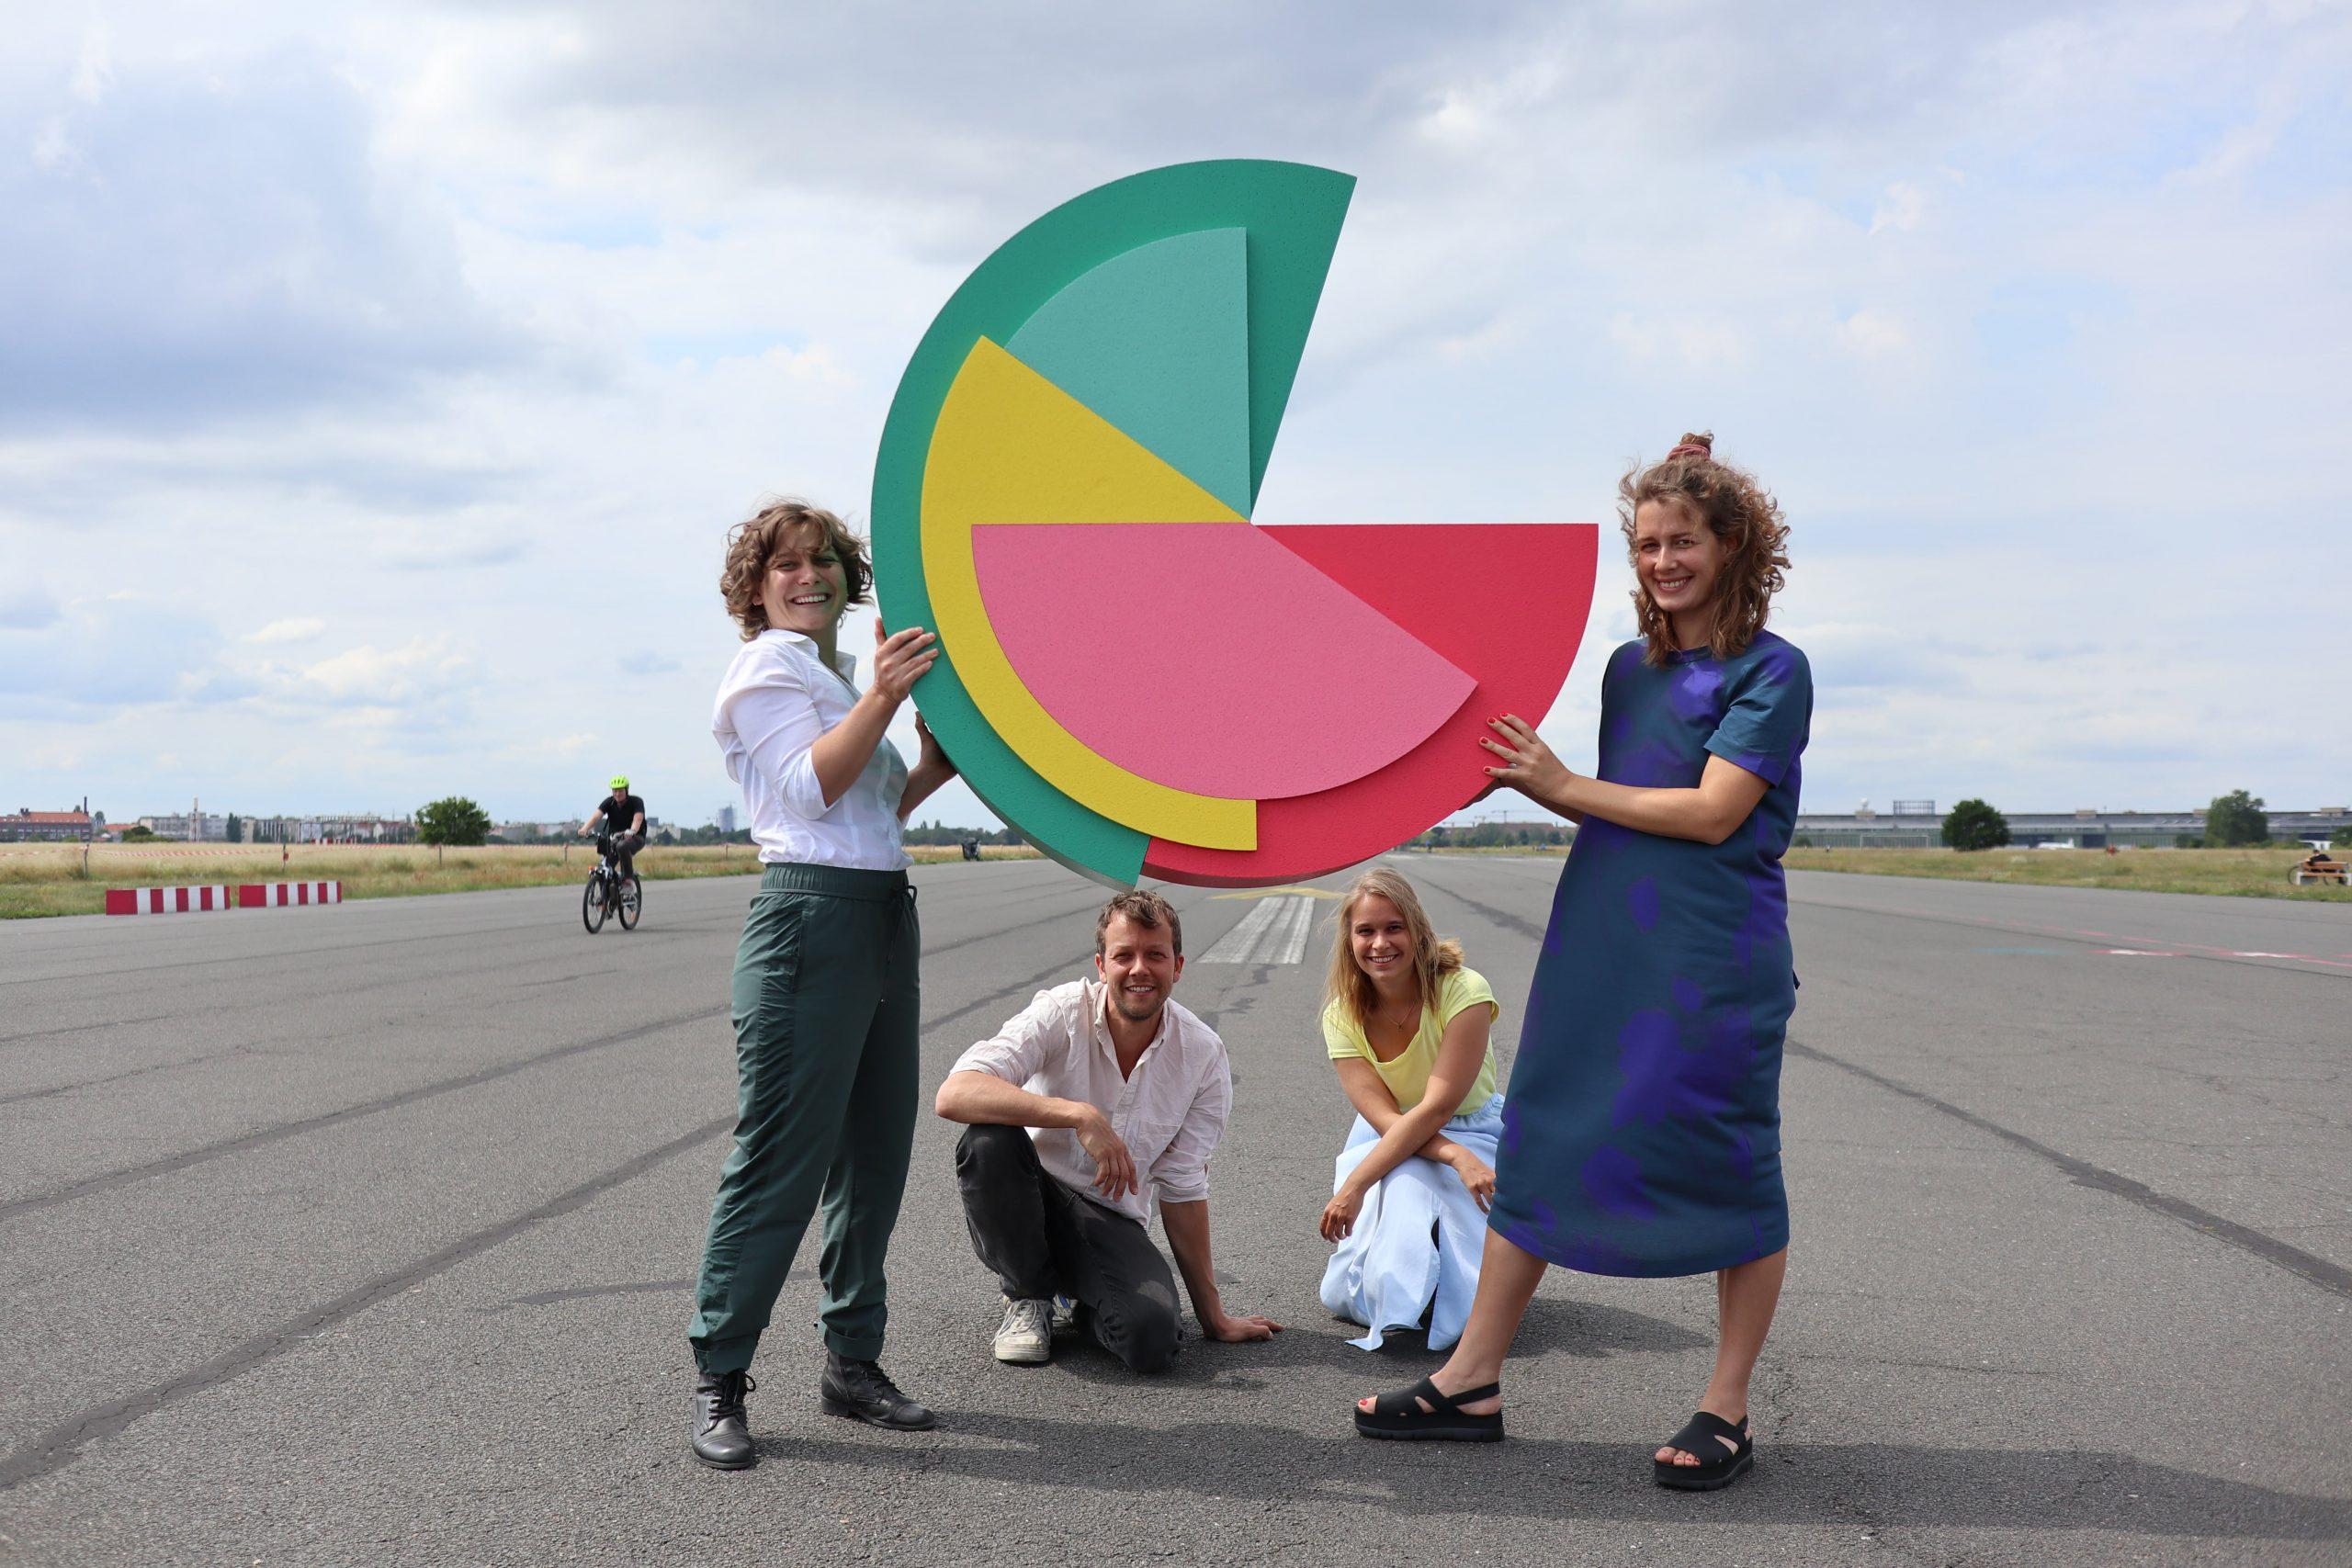 A equipa de investigadores que irá testar o RBI na Alemanha (foto via Mein Grundeinkommen/divulgação)